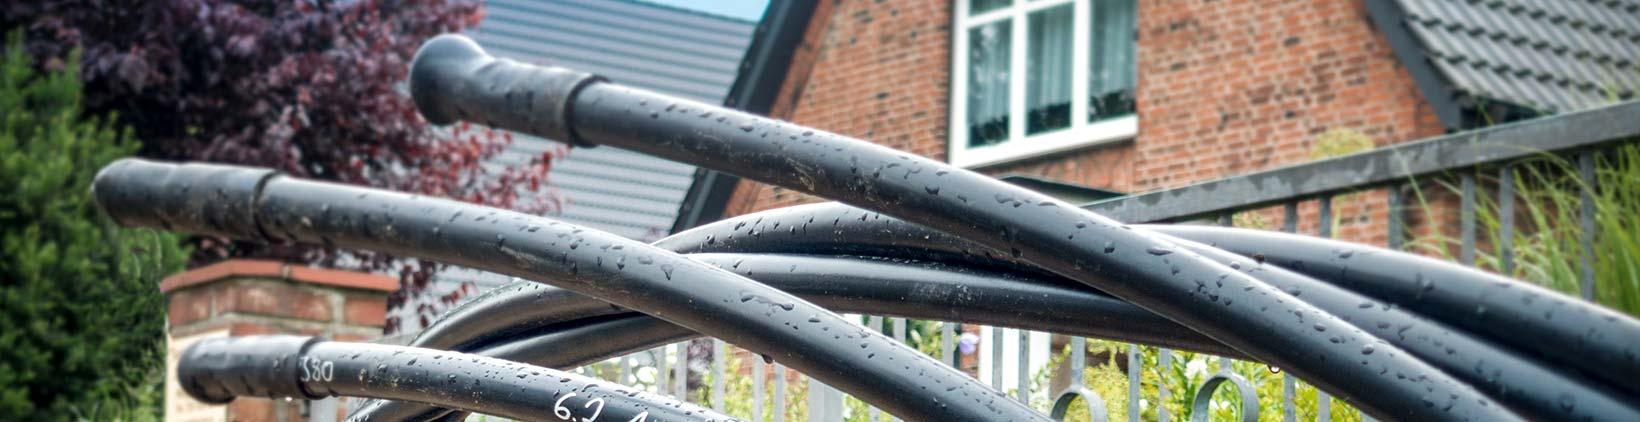 Kabel vor Baustelle